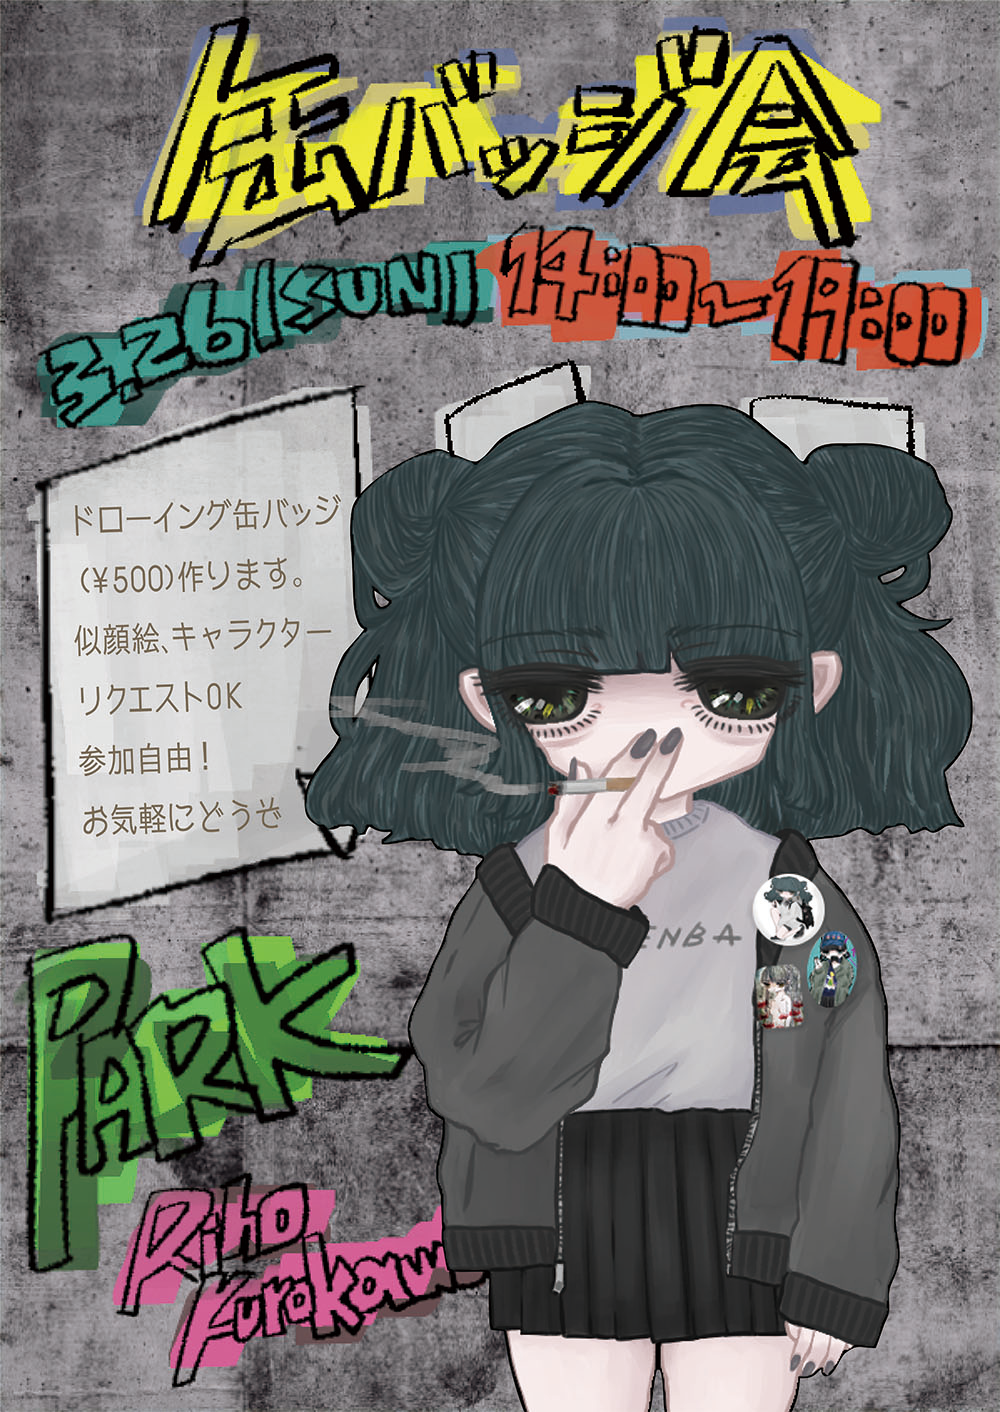 Riho Kurokawa ドローイング缶バッジ会vol.4